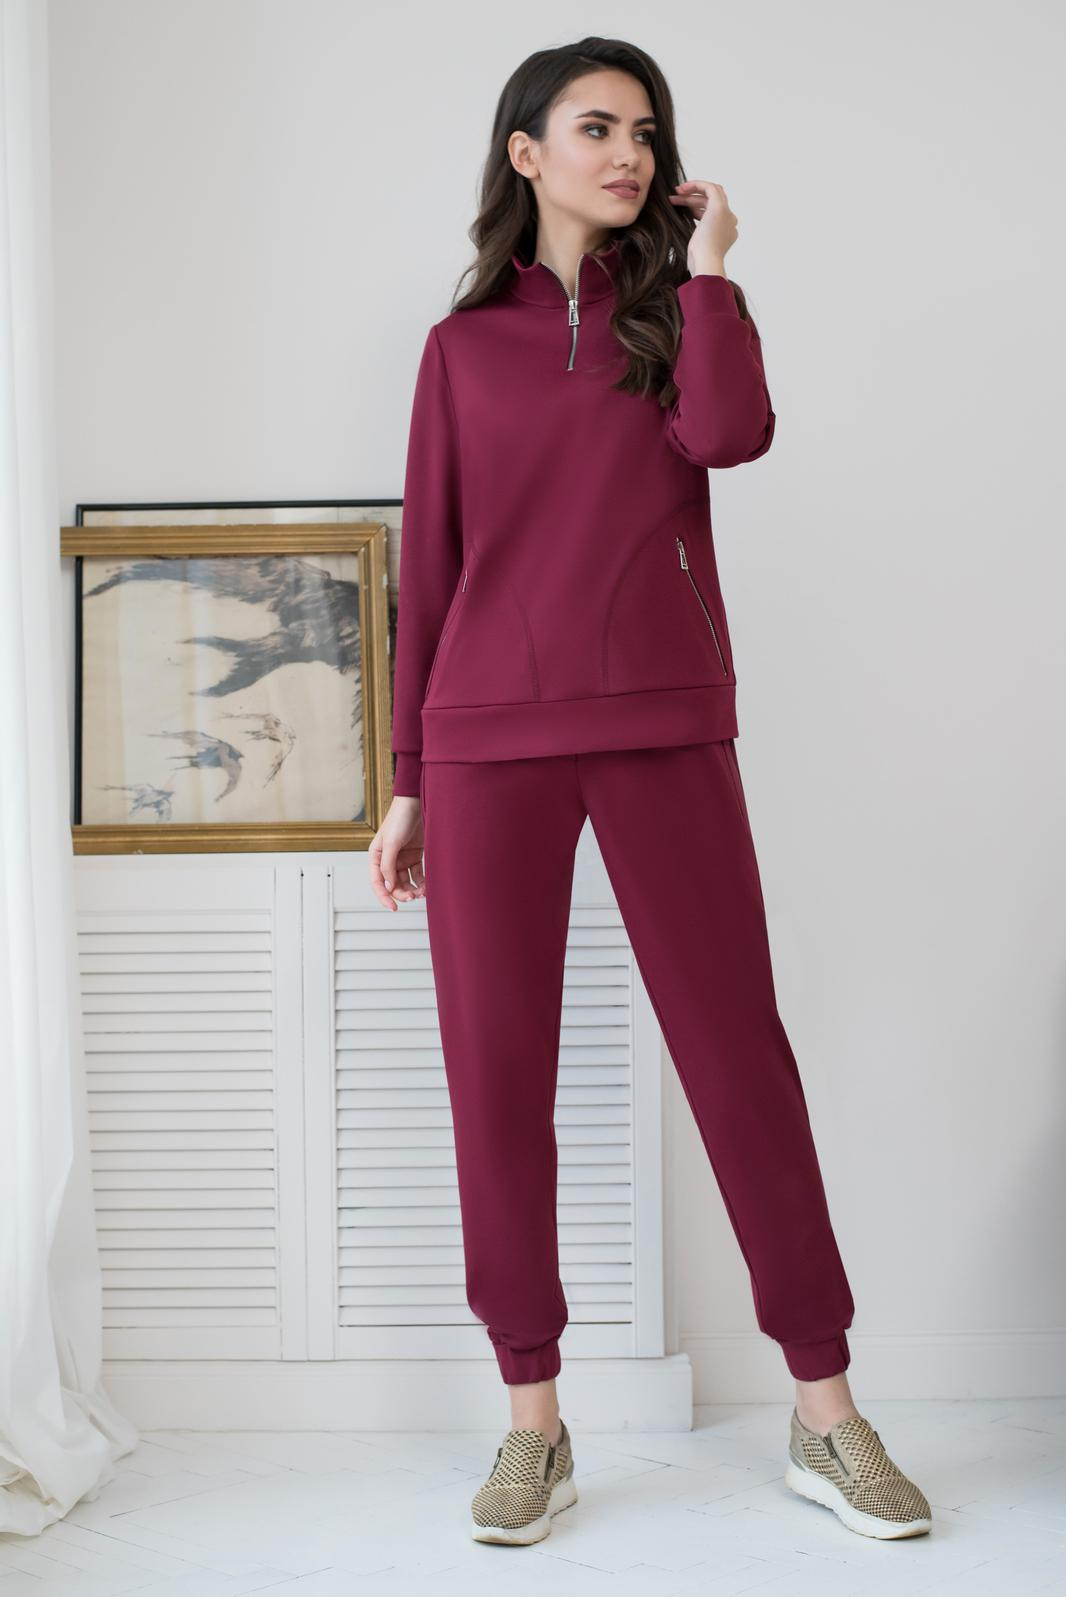 66e197e6 Модная женская одежда оптом и в розницу из Беларуси   Интернет ...